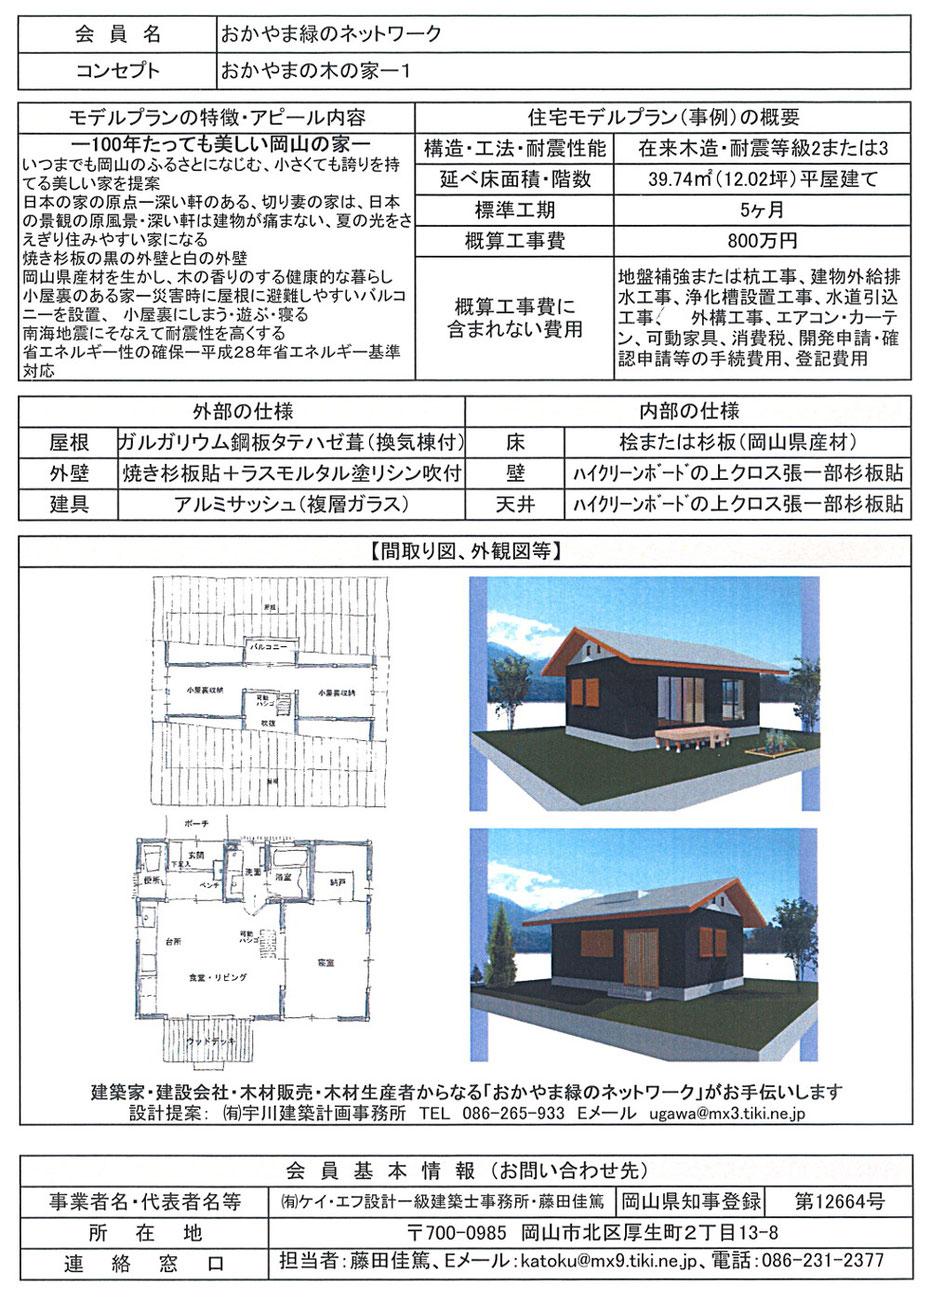 災害復興住宅 モデルプラン おかやまの木の家ー1